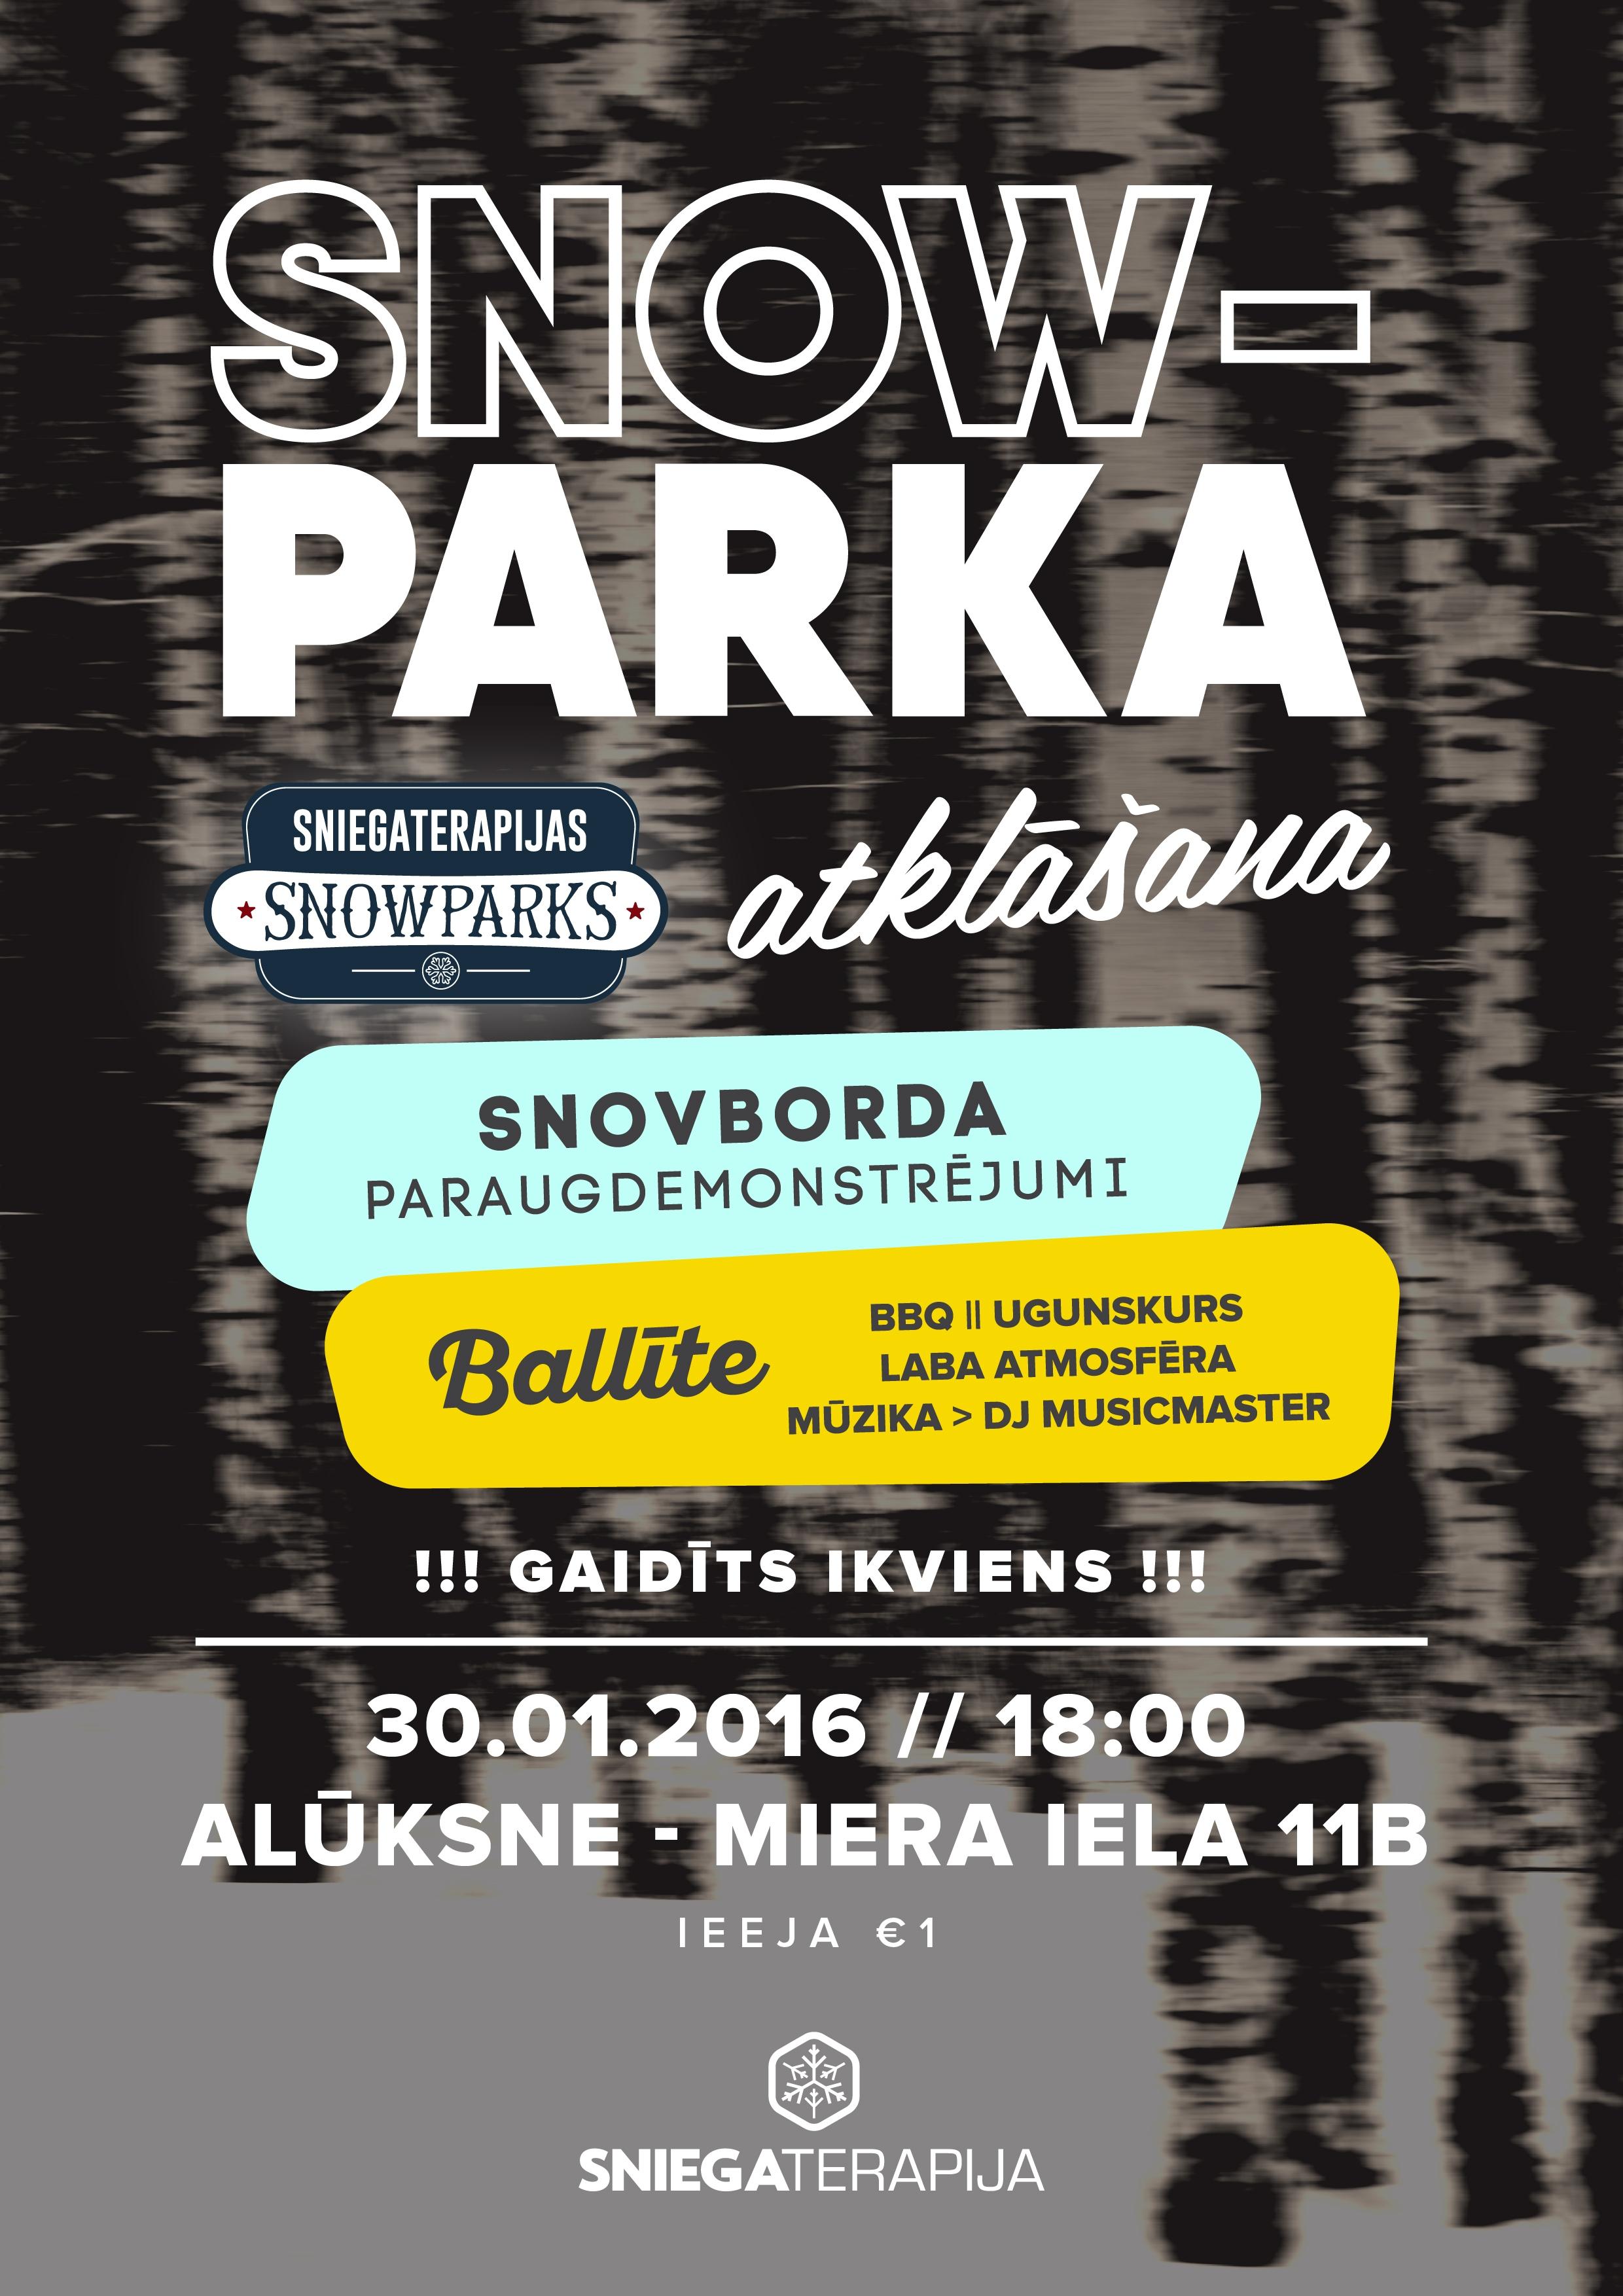 ST Parka Party